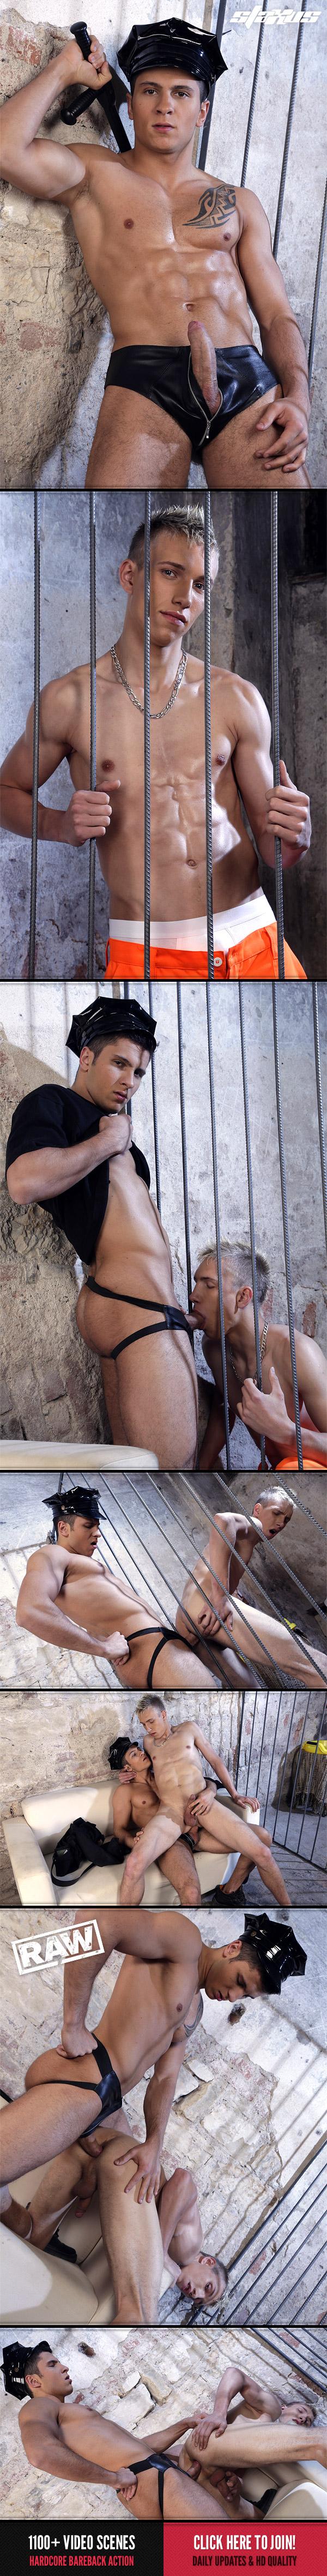 bareback prison sex